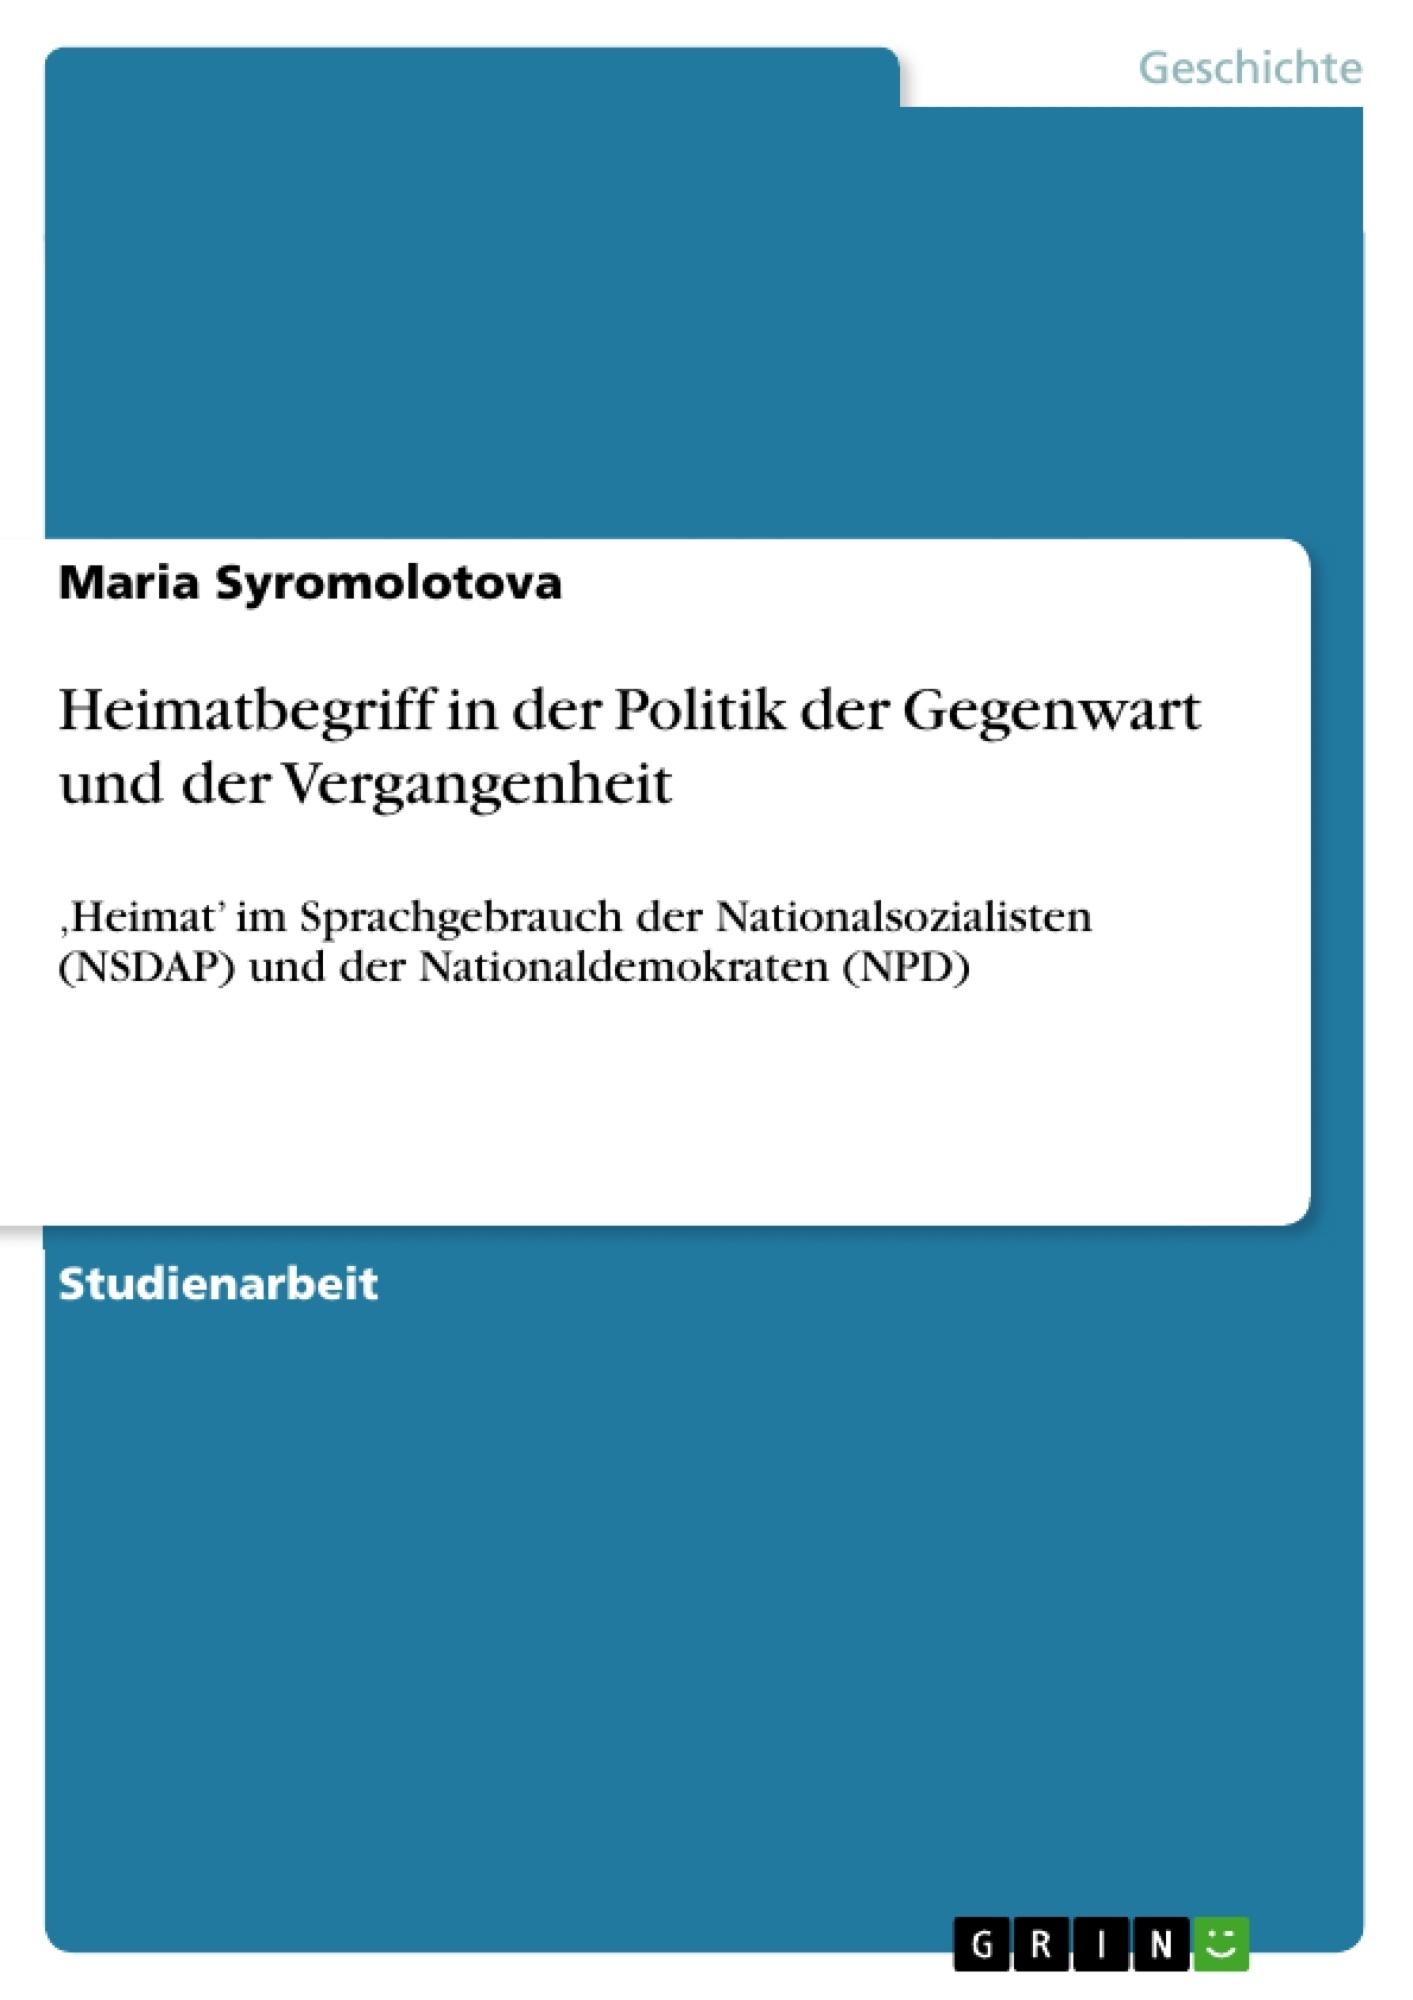 Titel: Heimatbegriff in der Politik der Gegenwart und der Vergangenheit